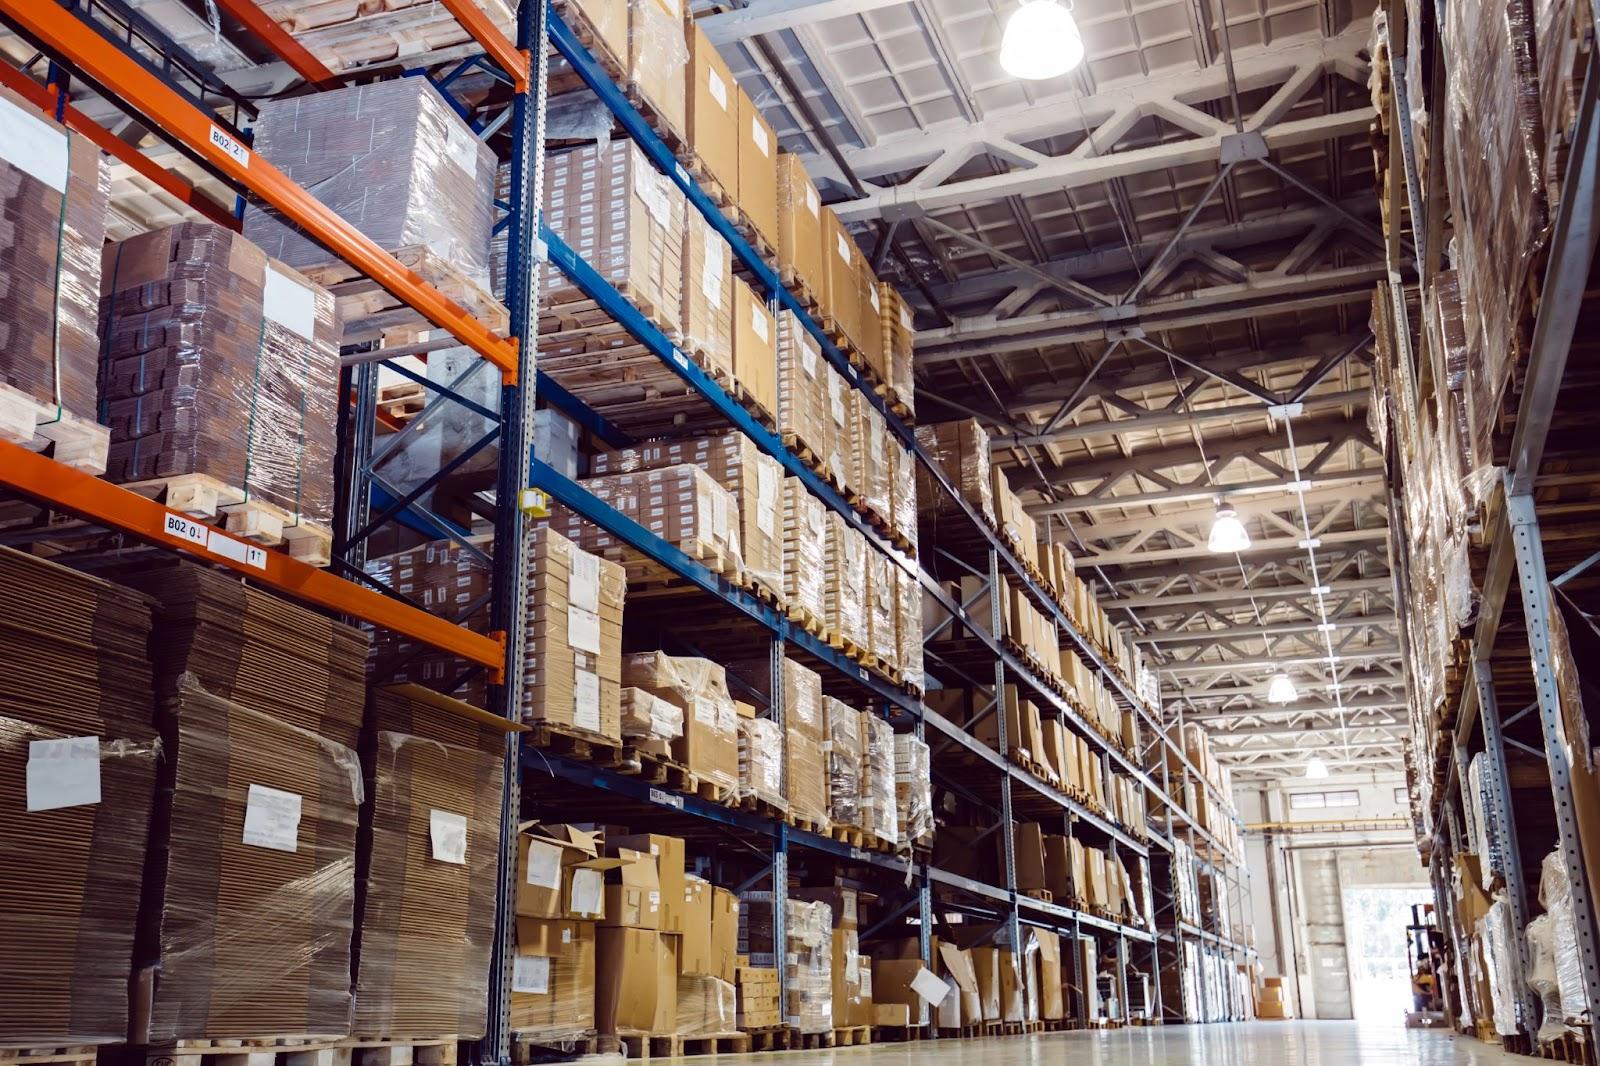 санитарные требования к складским помещениям